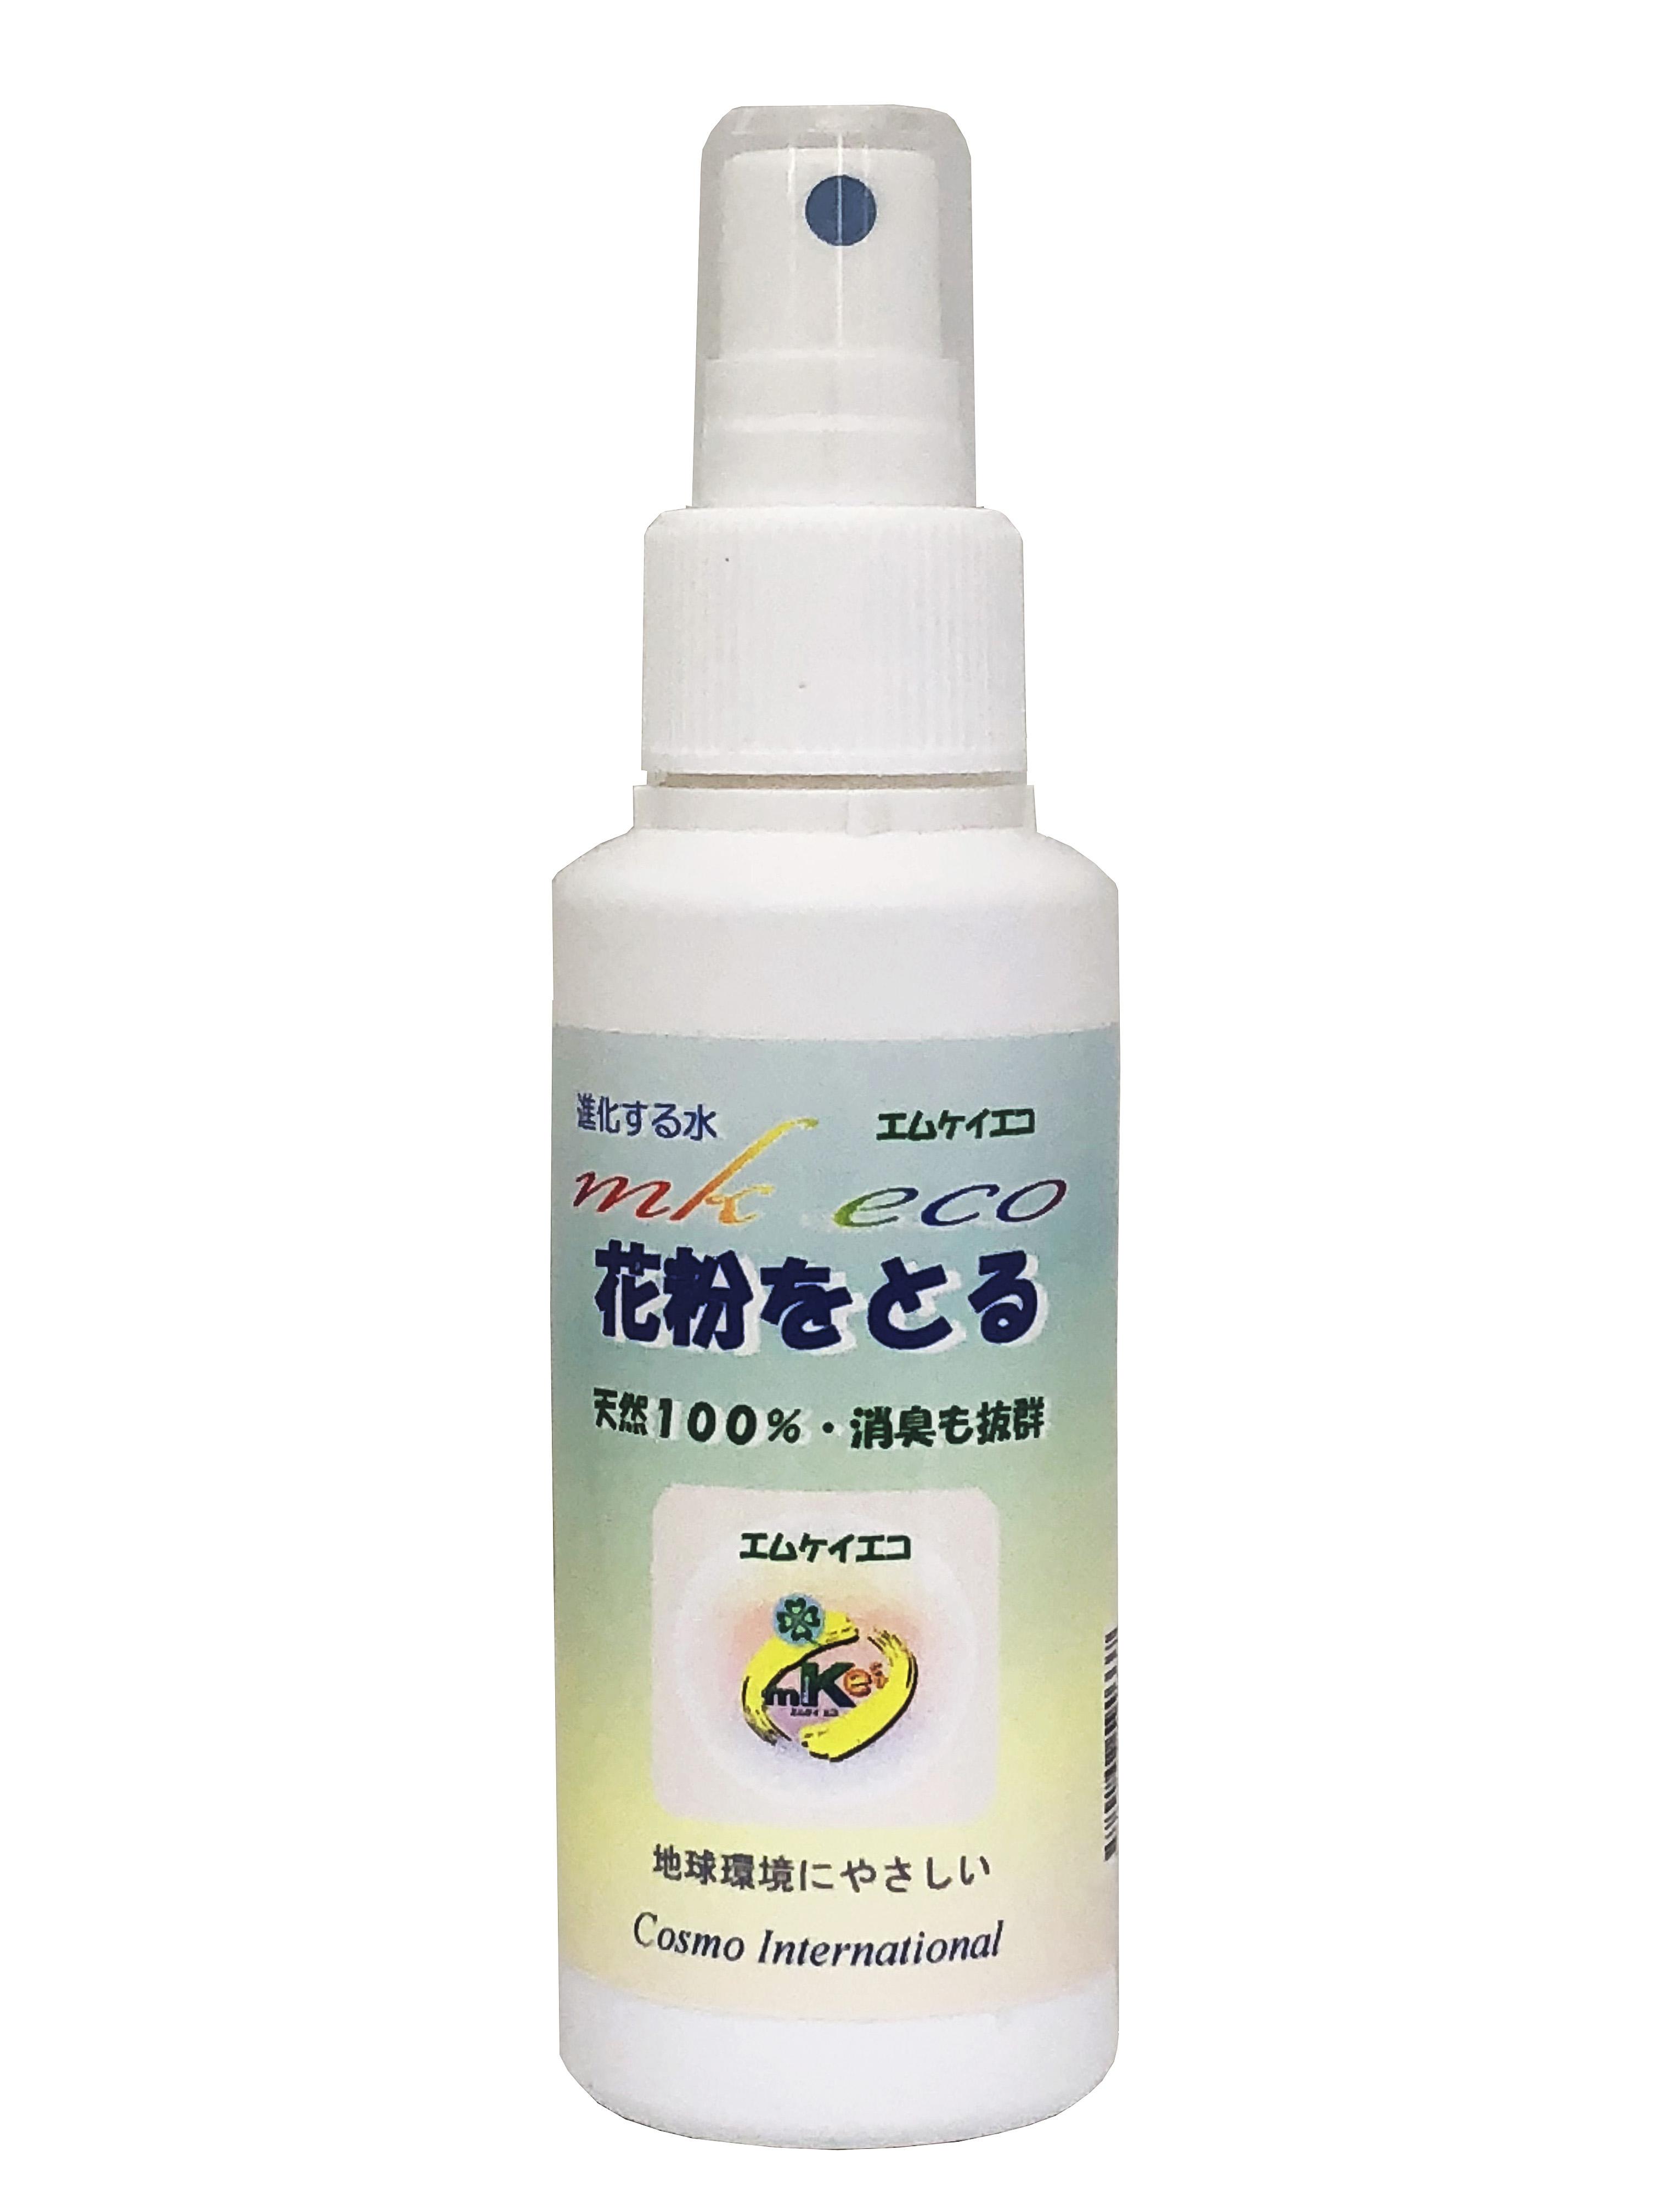 花粉をとる (120)MKeco